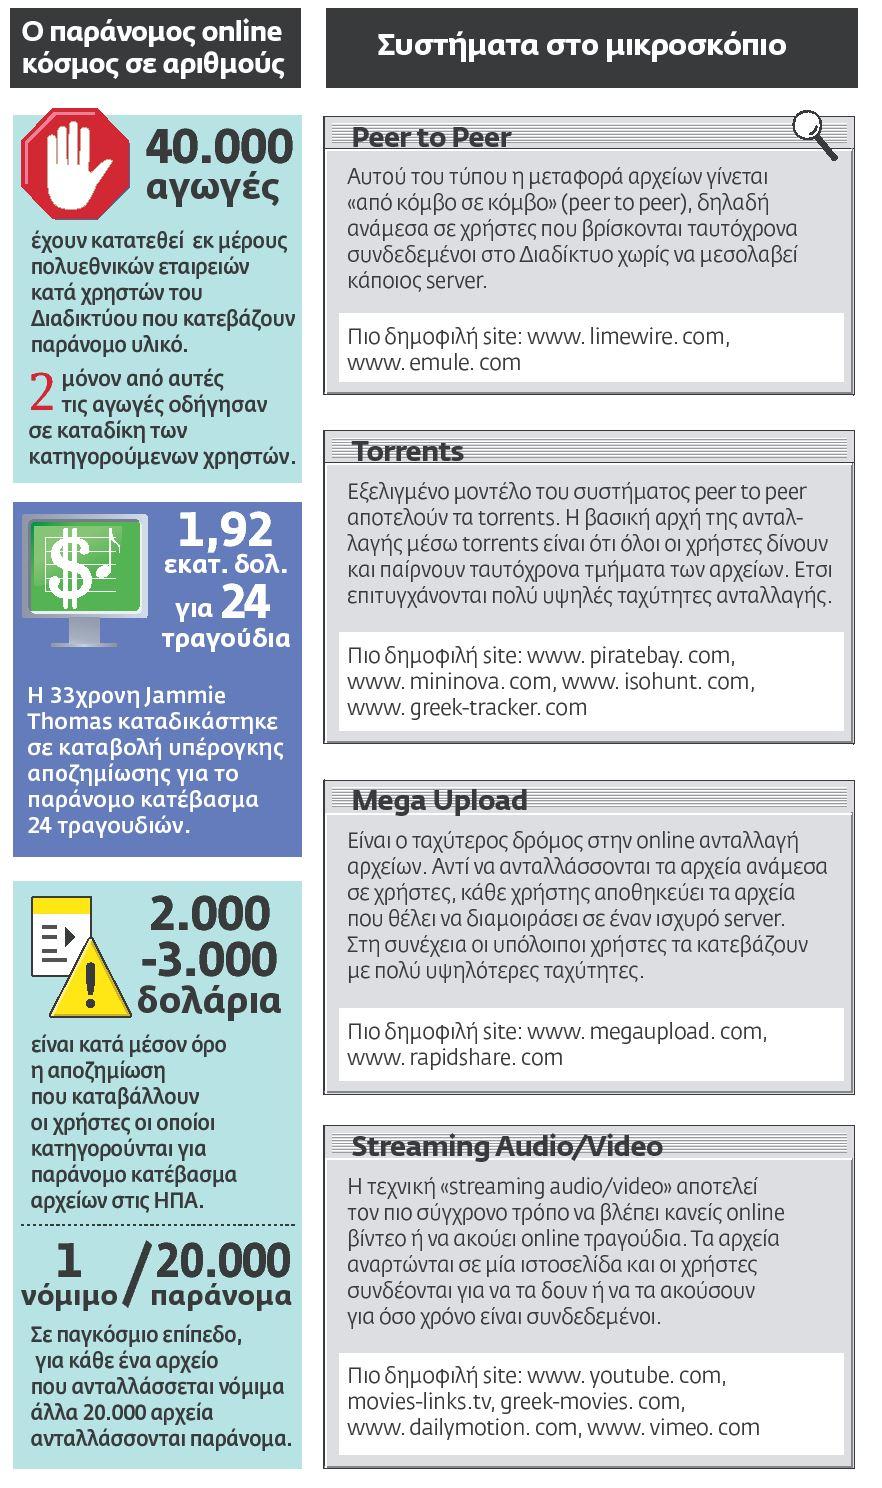 Ο παράνομος online κόσμος σε αριθμούς